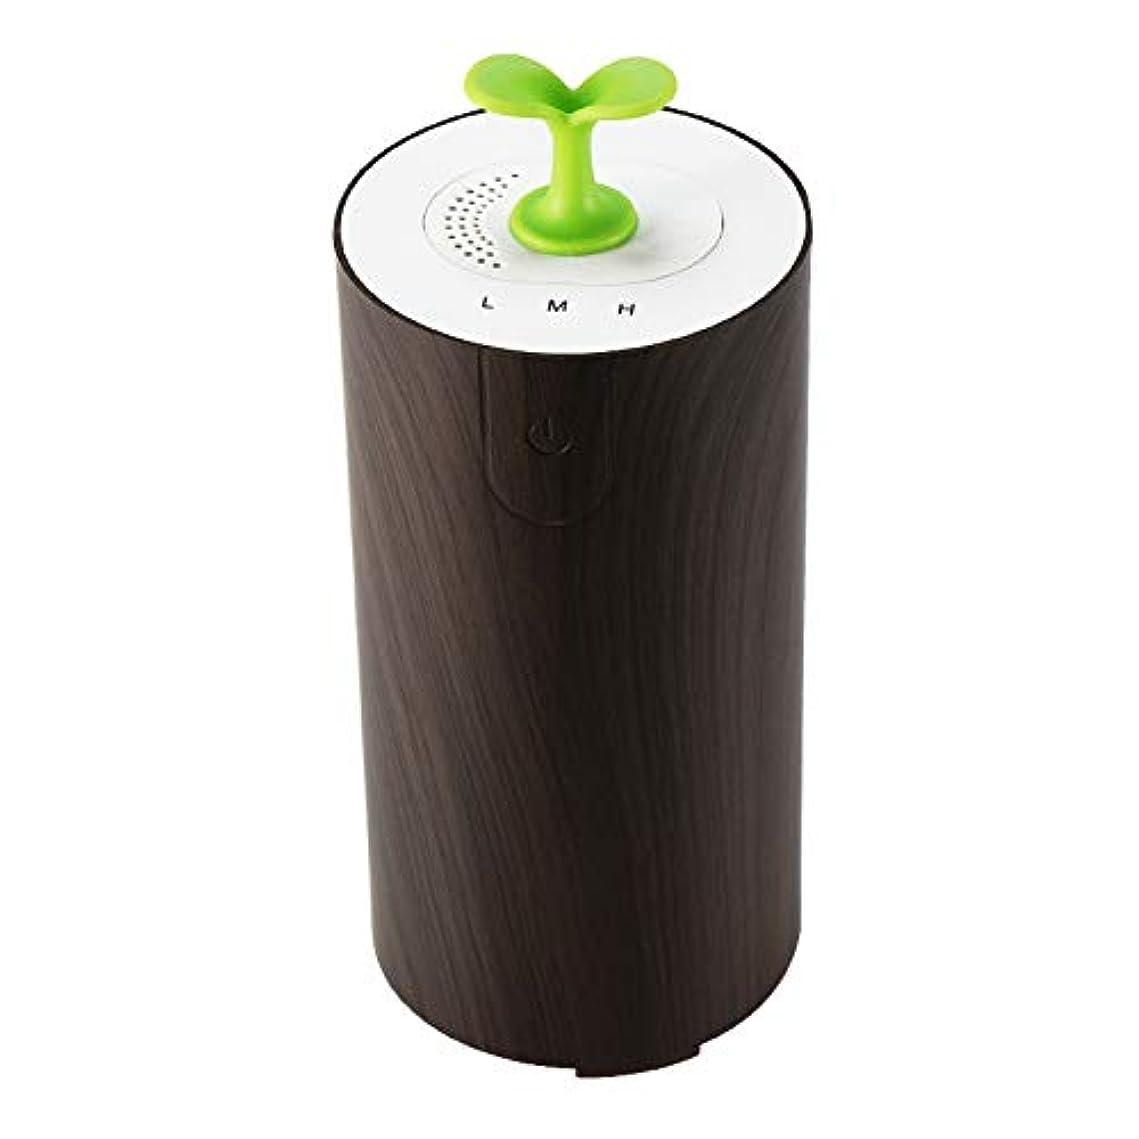 節約謝る本当に車のアロマテラピーマシン清浄機、エッセンシャルオイルディフューザー多機能USBアロマ加湿器、水なし低燃費,Deepwoodgrain